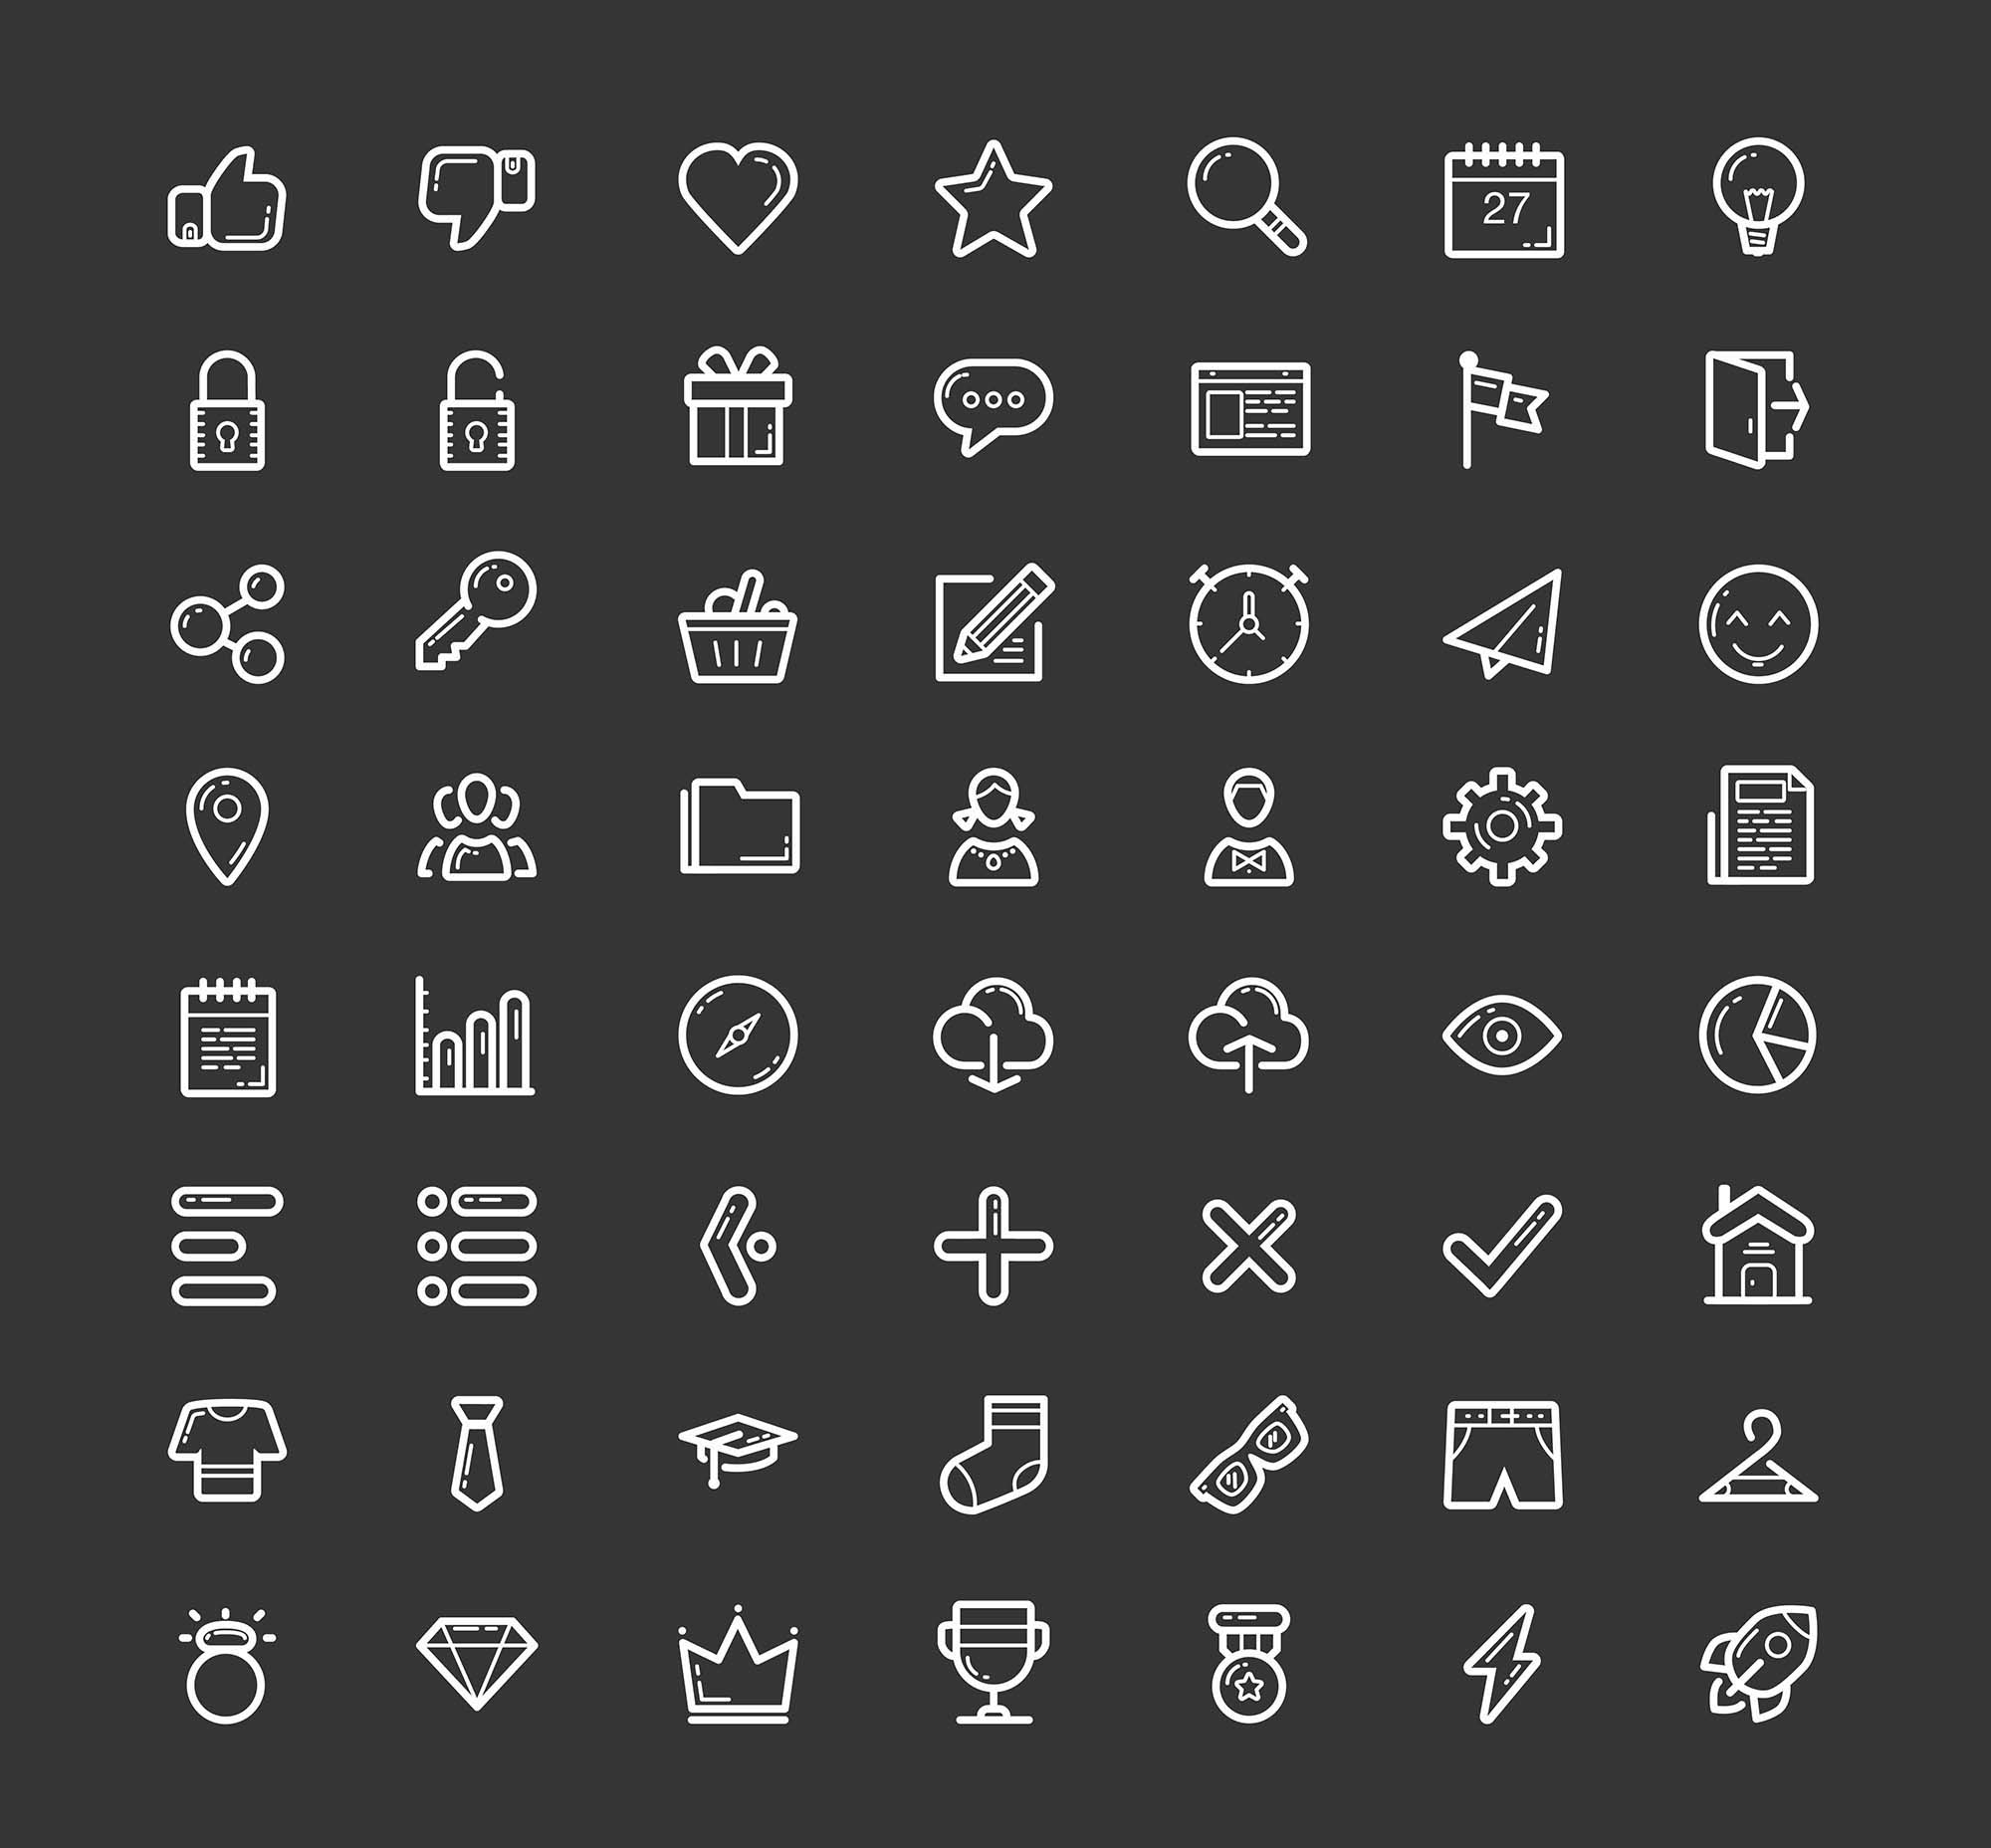 Helium Line Icons 2